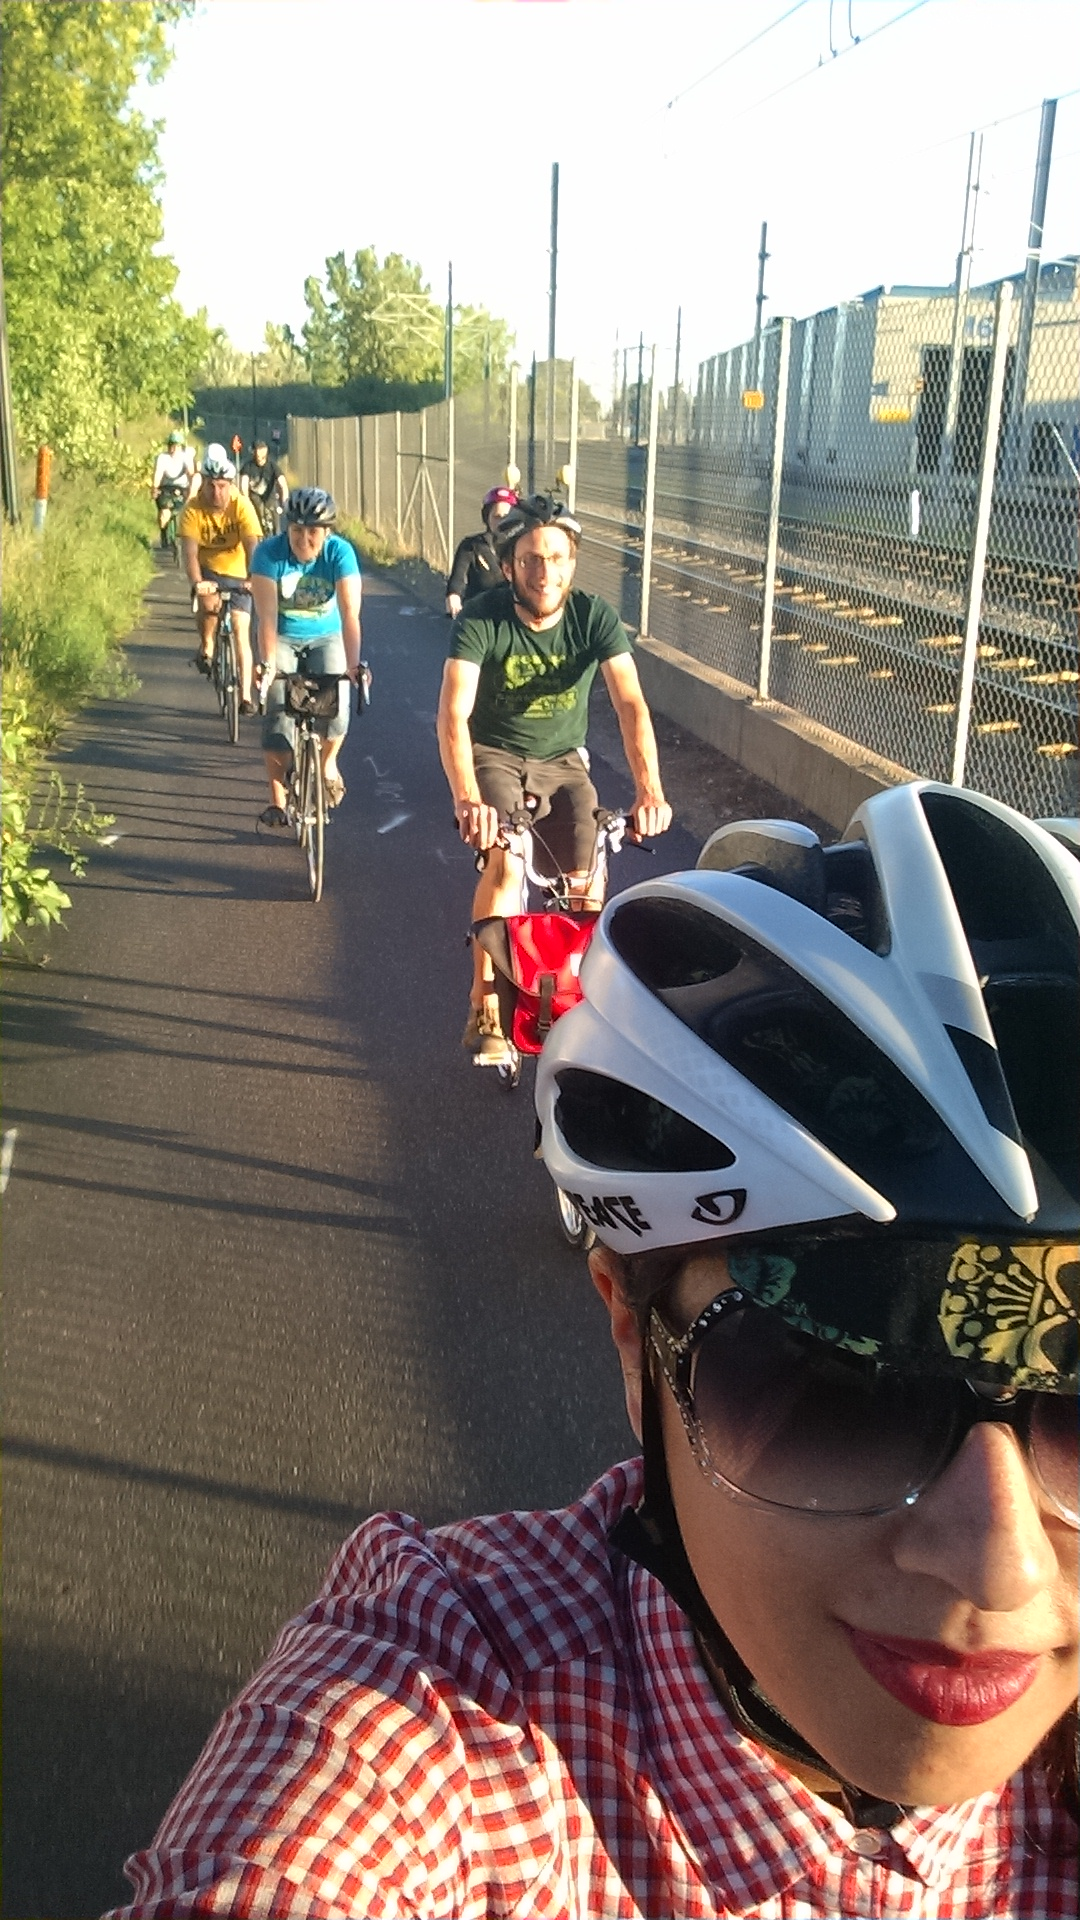 Sept_joy_ride_(1)_(1).jpg